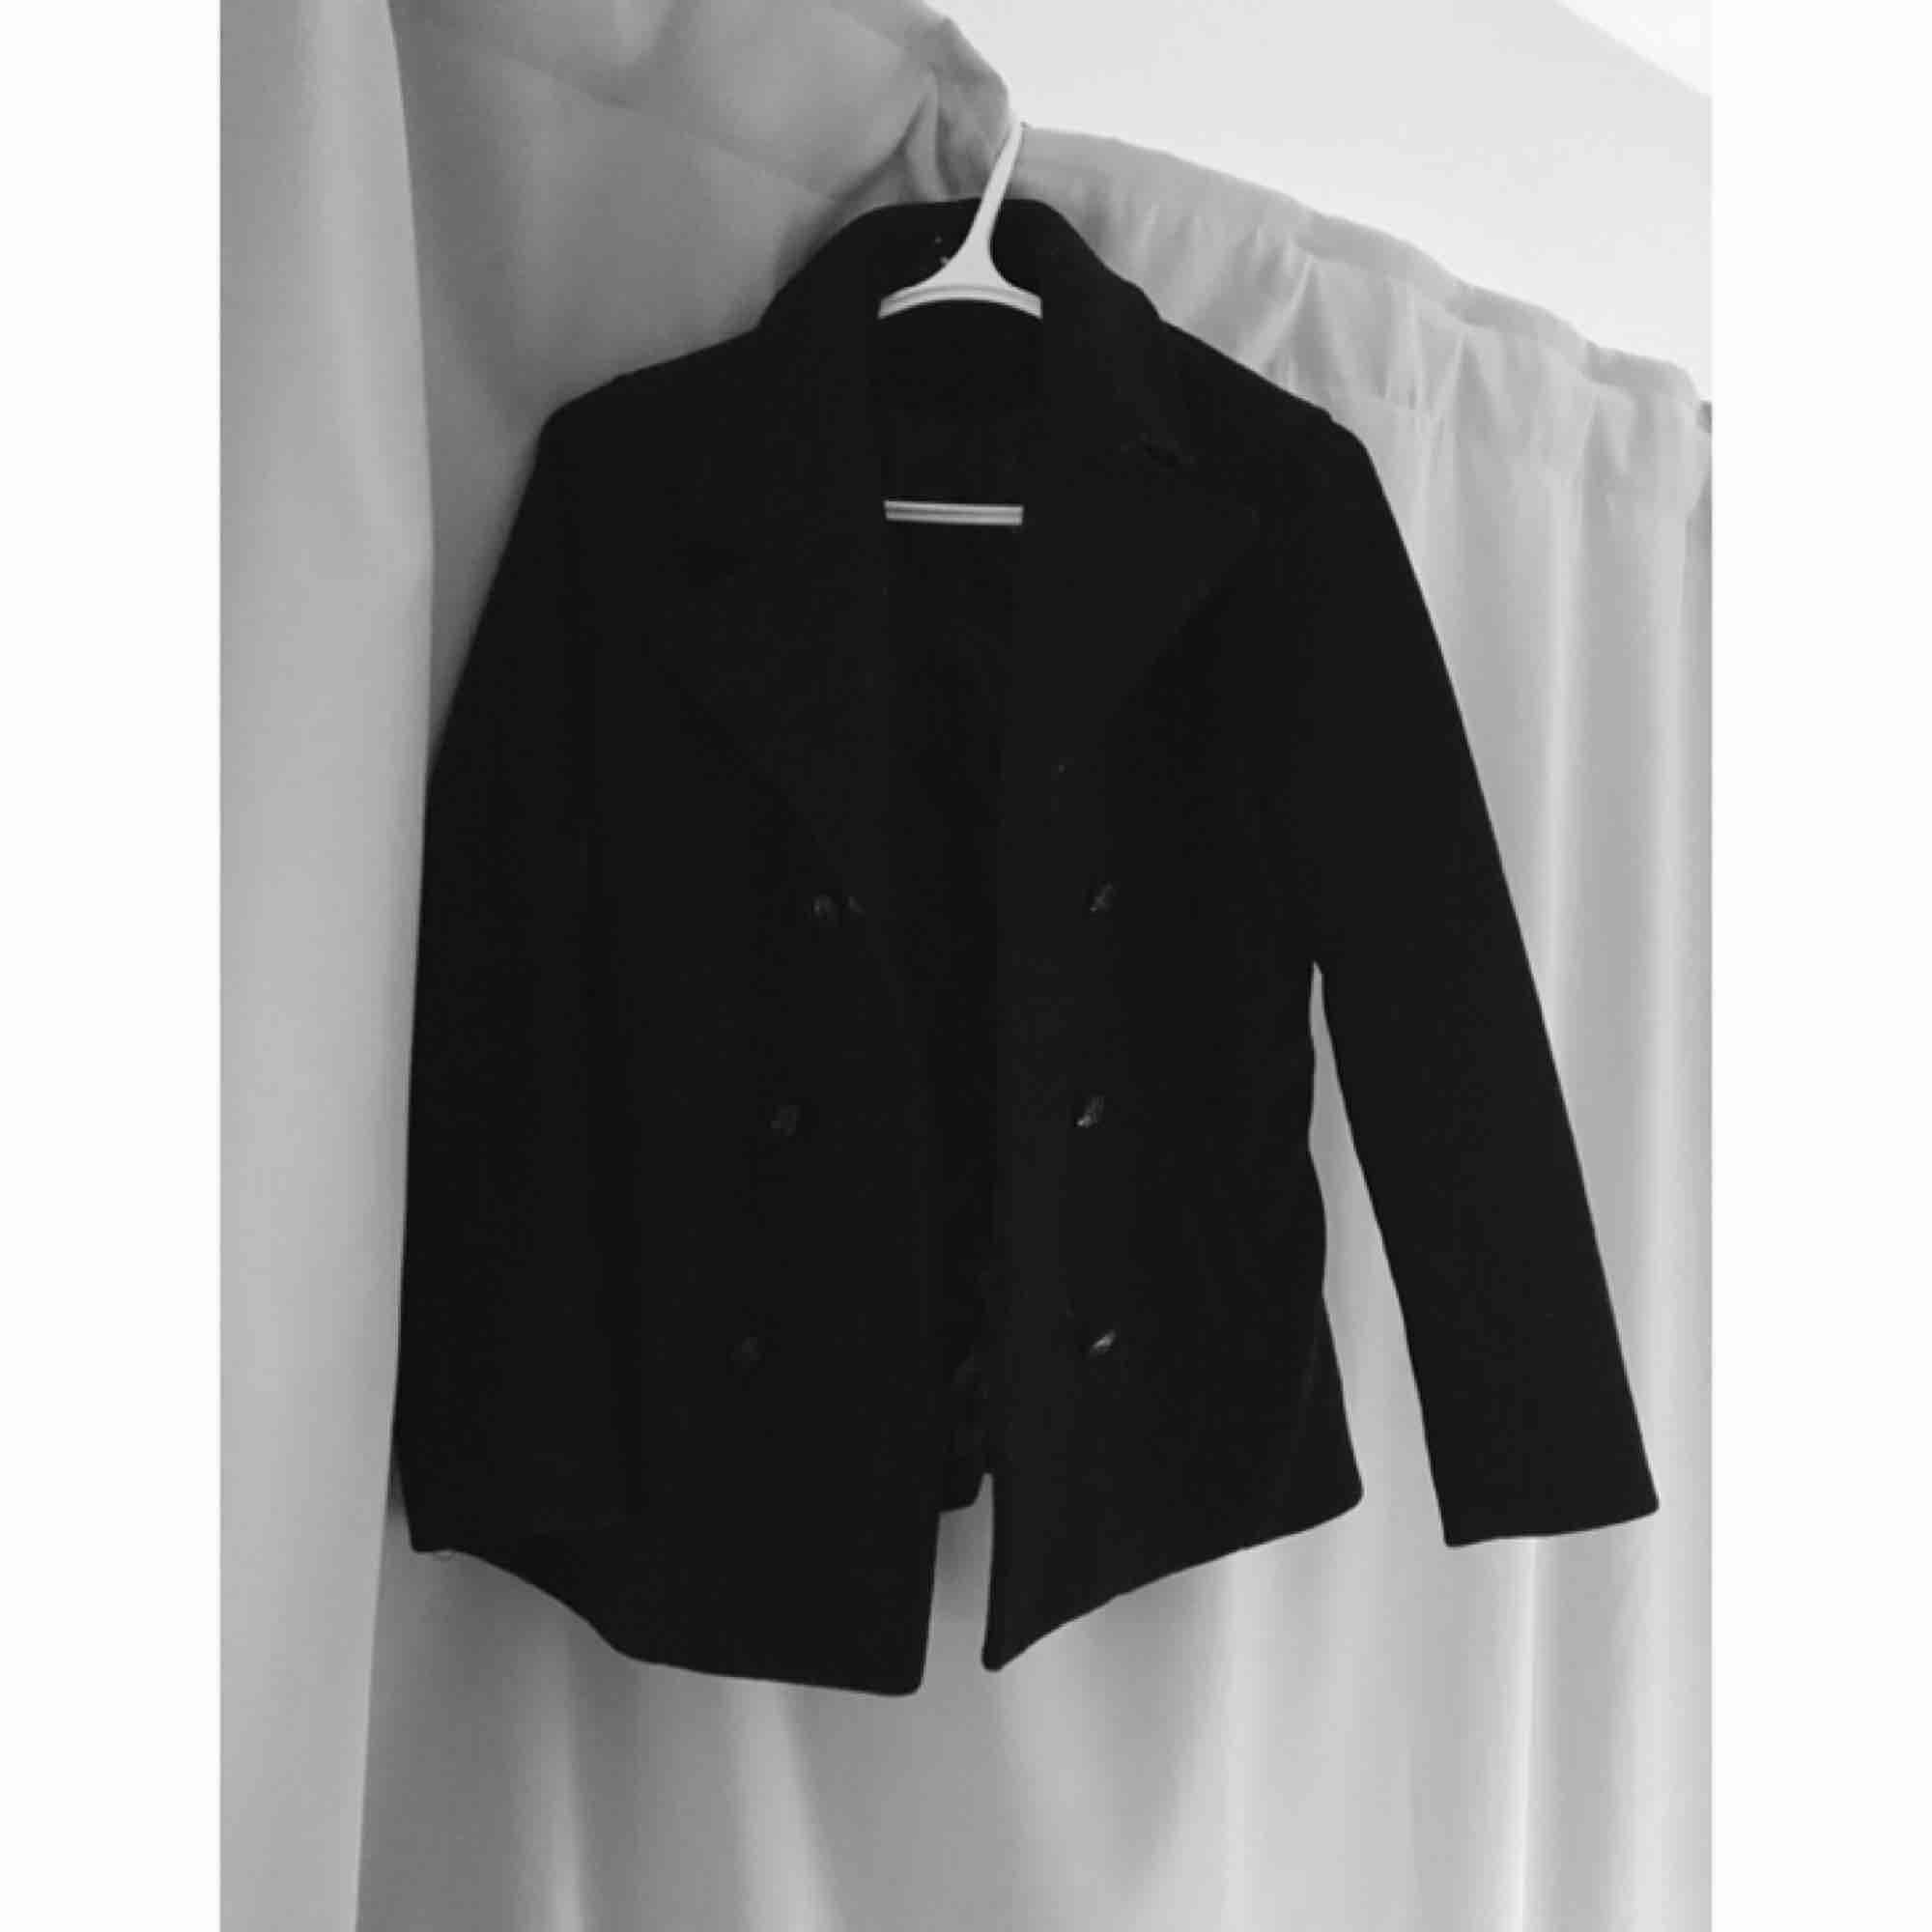 Elegant svart kappa/rock i kortare längd. Inköpt från Nelly. Använd ett par gånger men är i mycket bra skick. Perfekt i höst och vinter med en fin halsduk till. . Jackor.